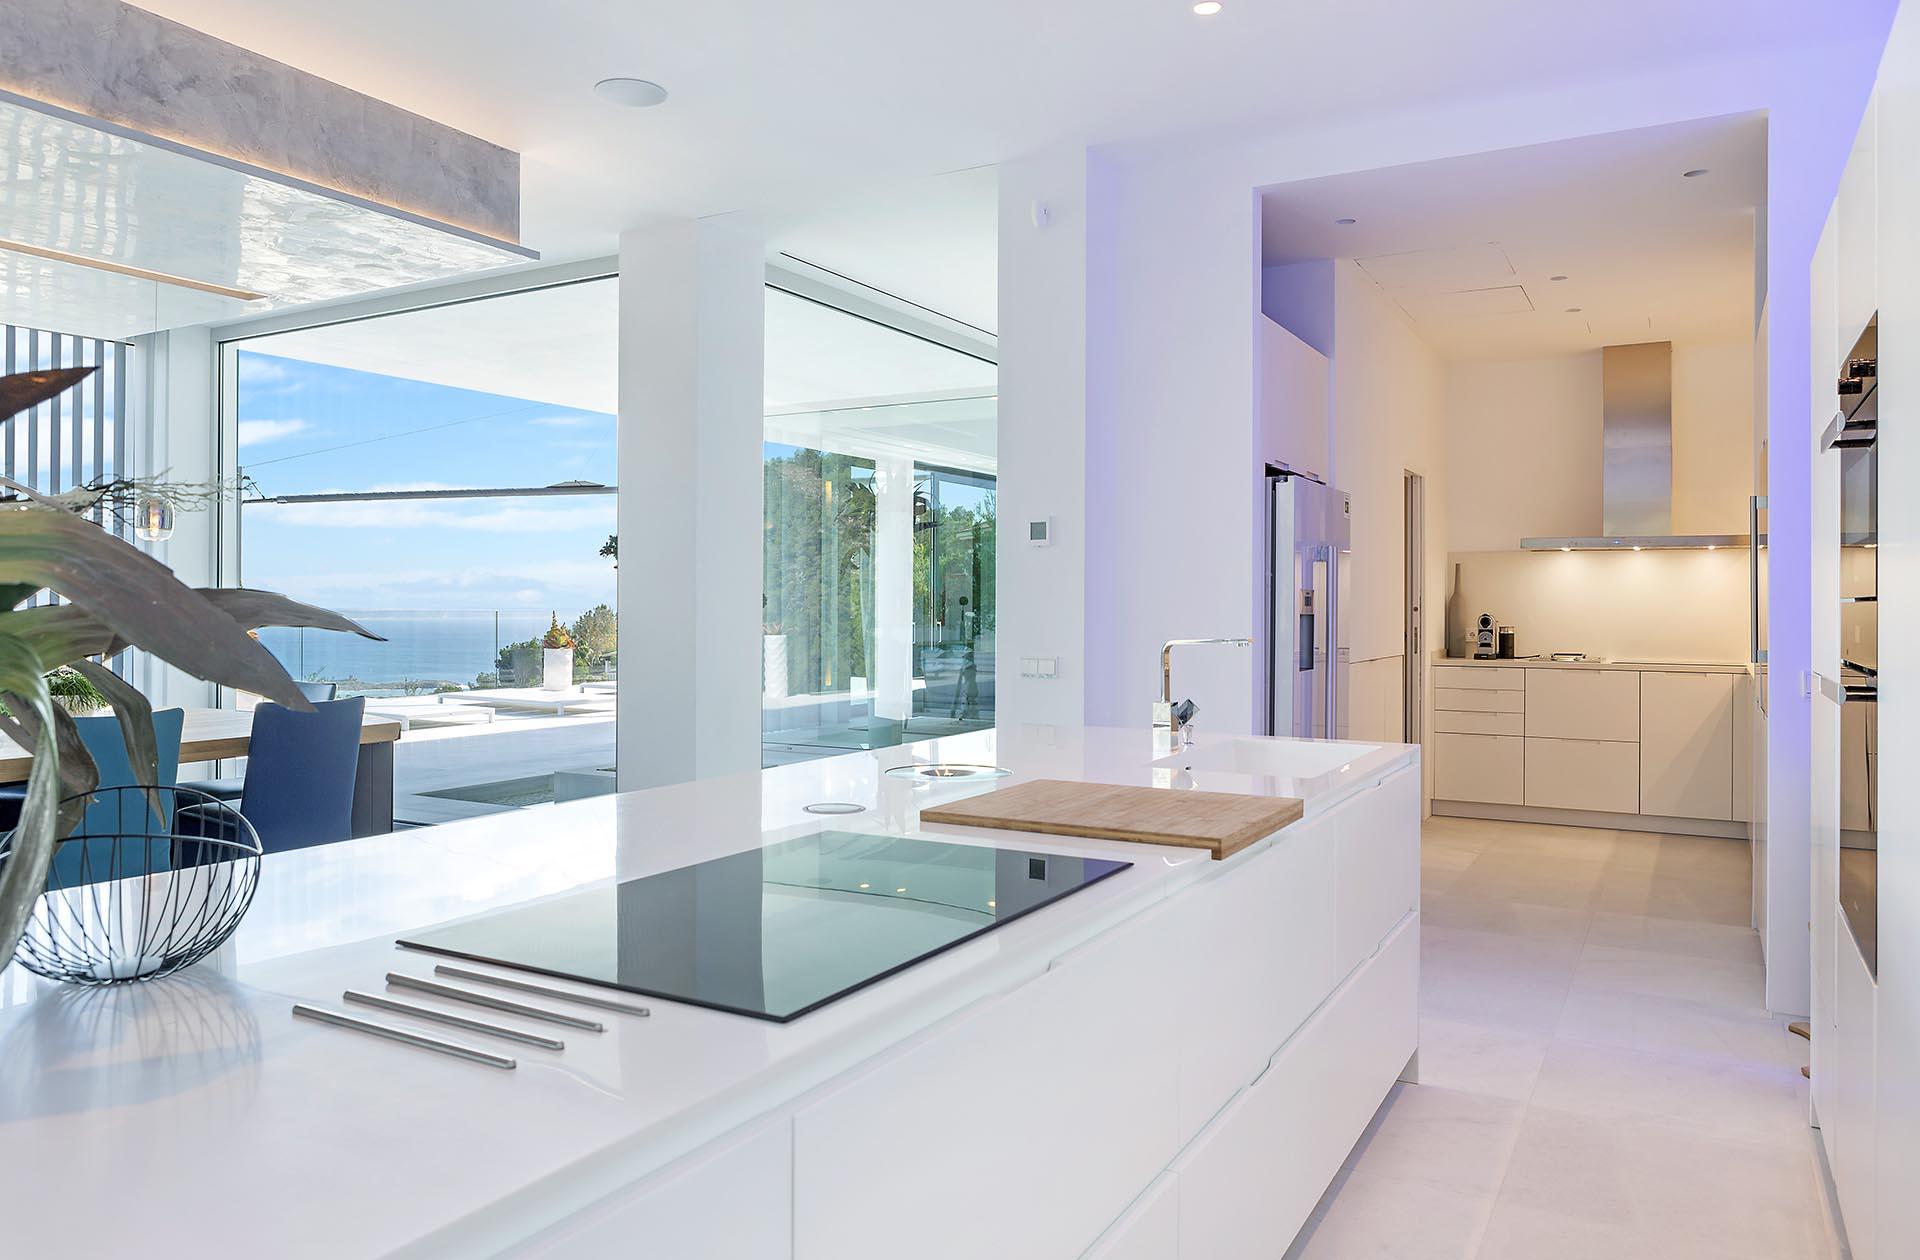 Traumhafte moderne Villa in Costa den Blanes - Hohe Decken